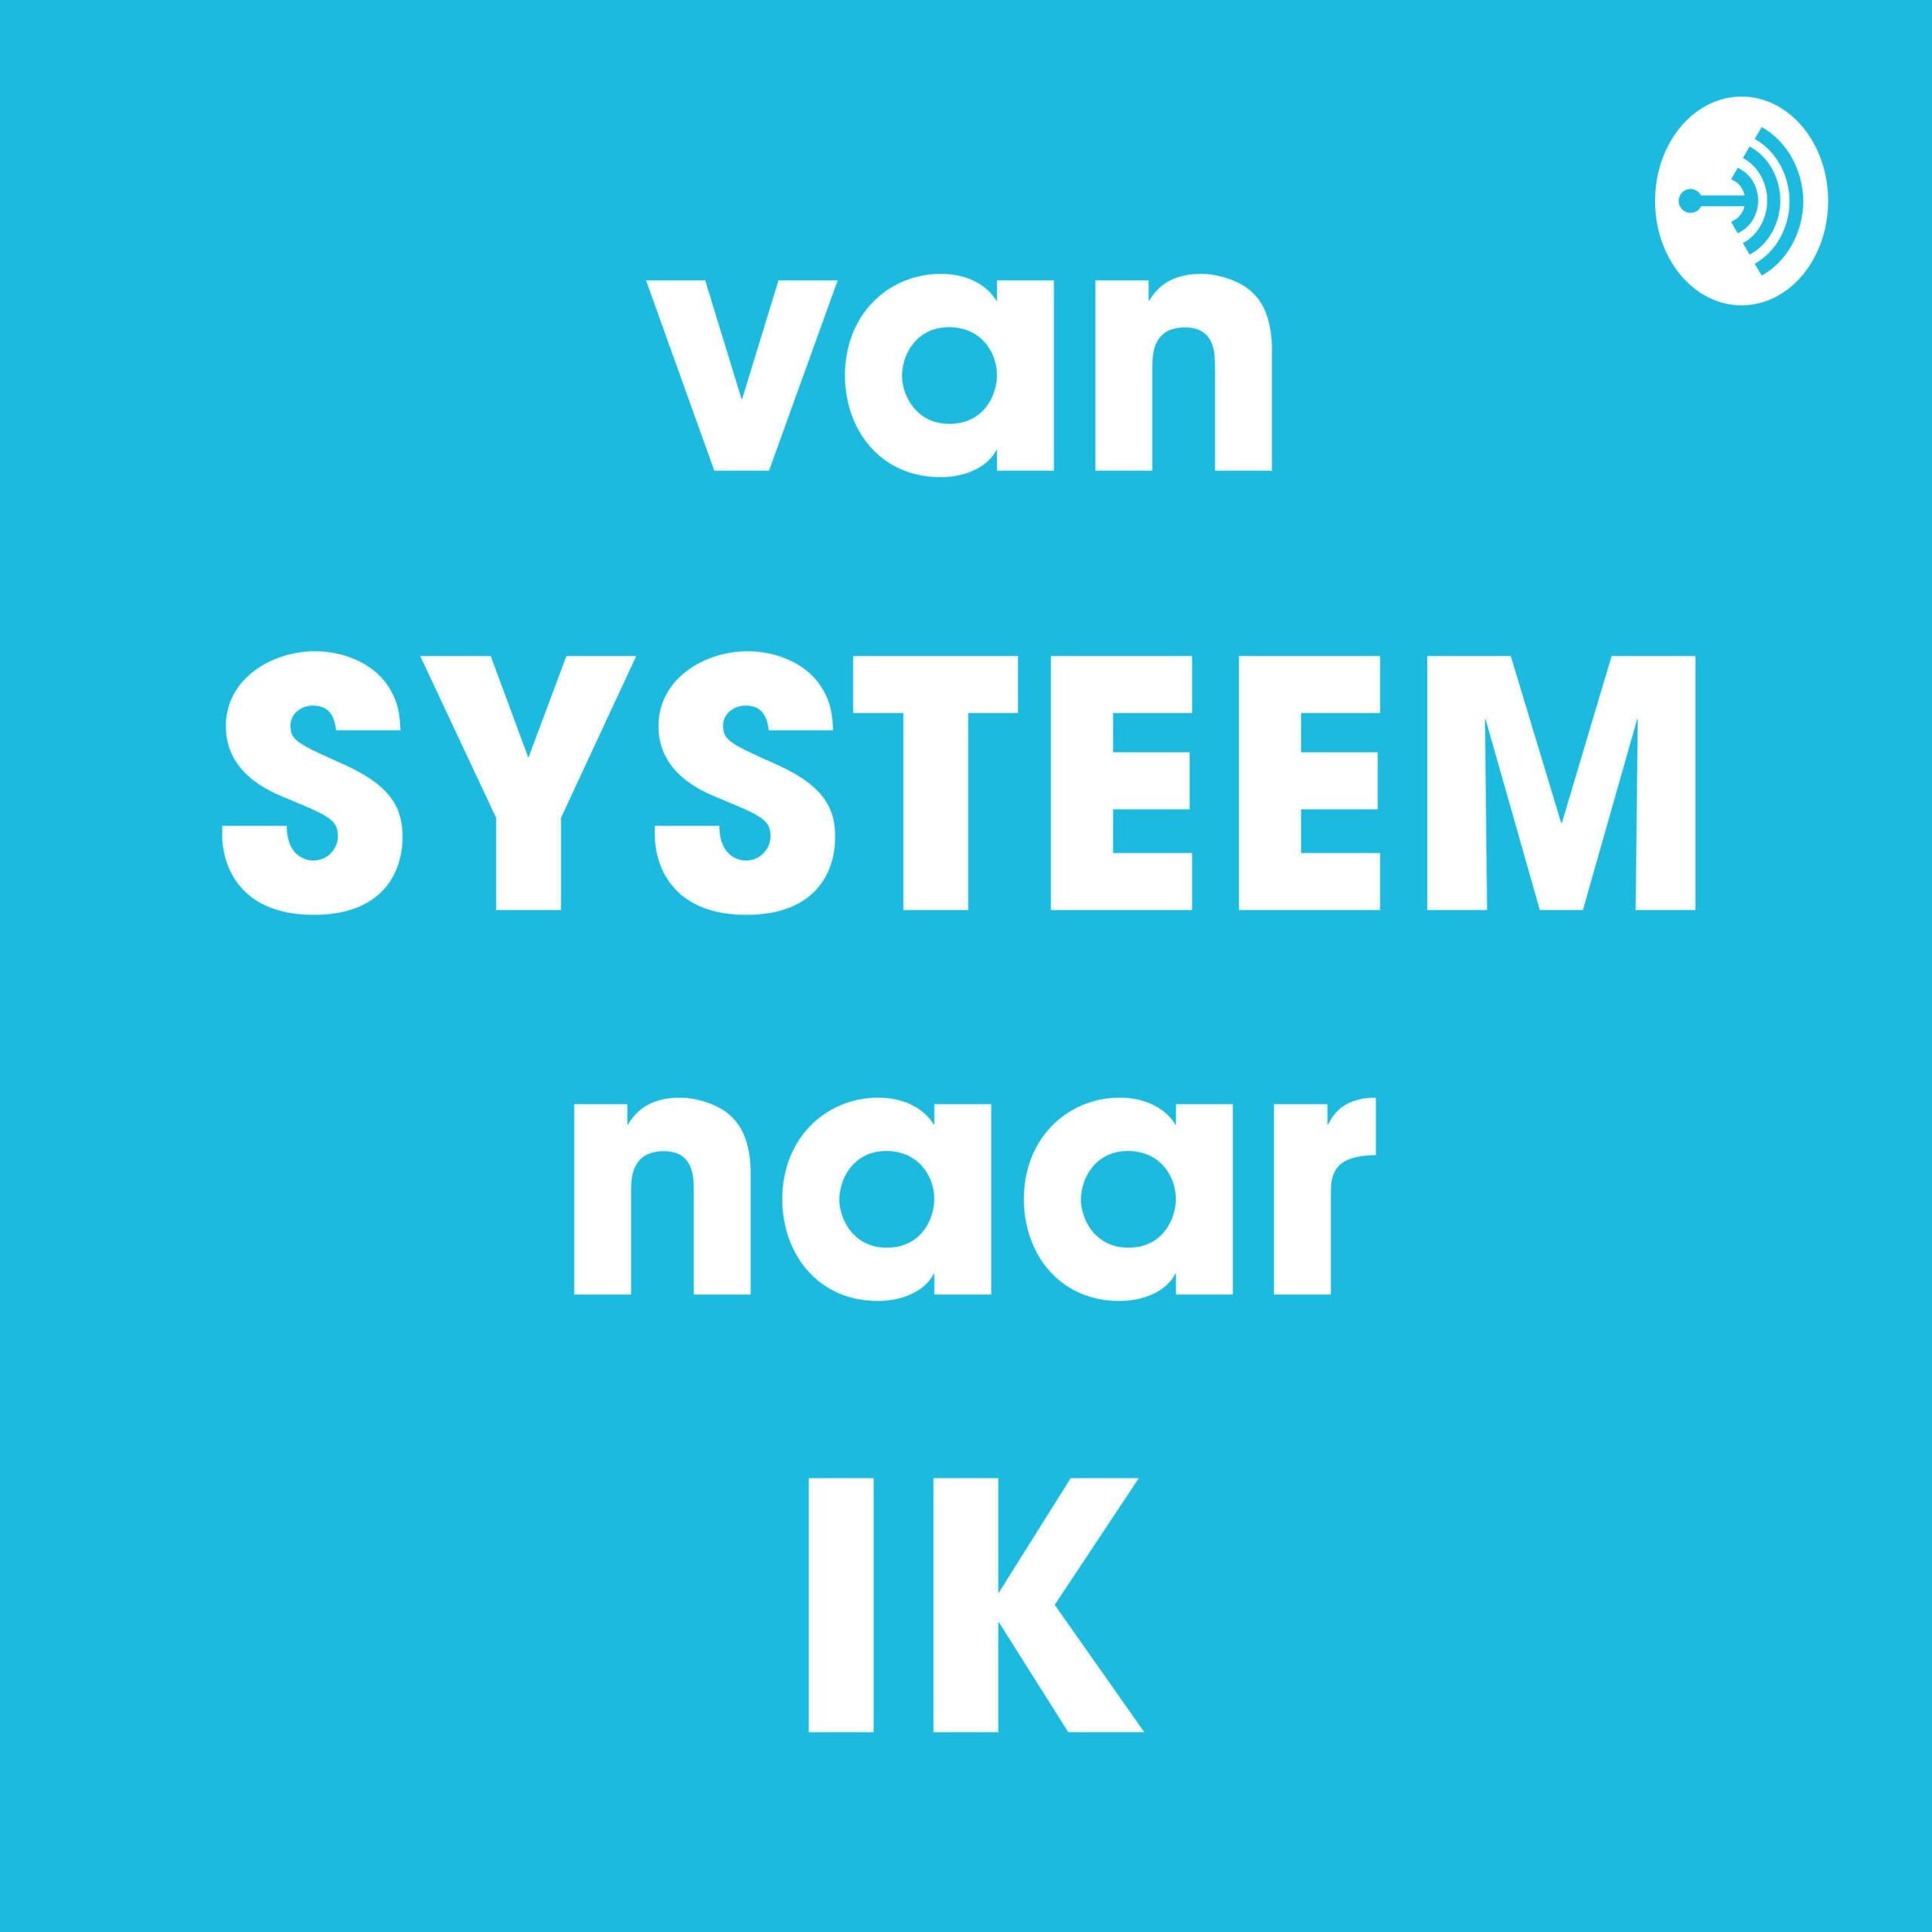 #2 Van systeem naar ik – Marjan Hammersma